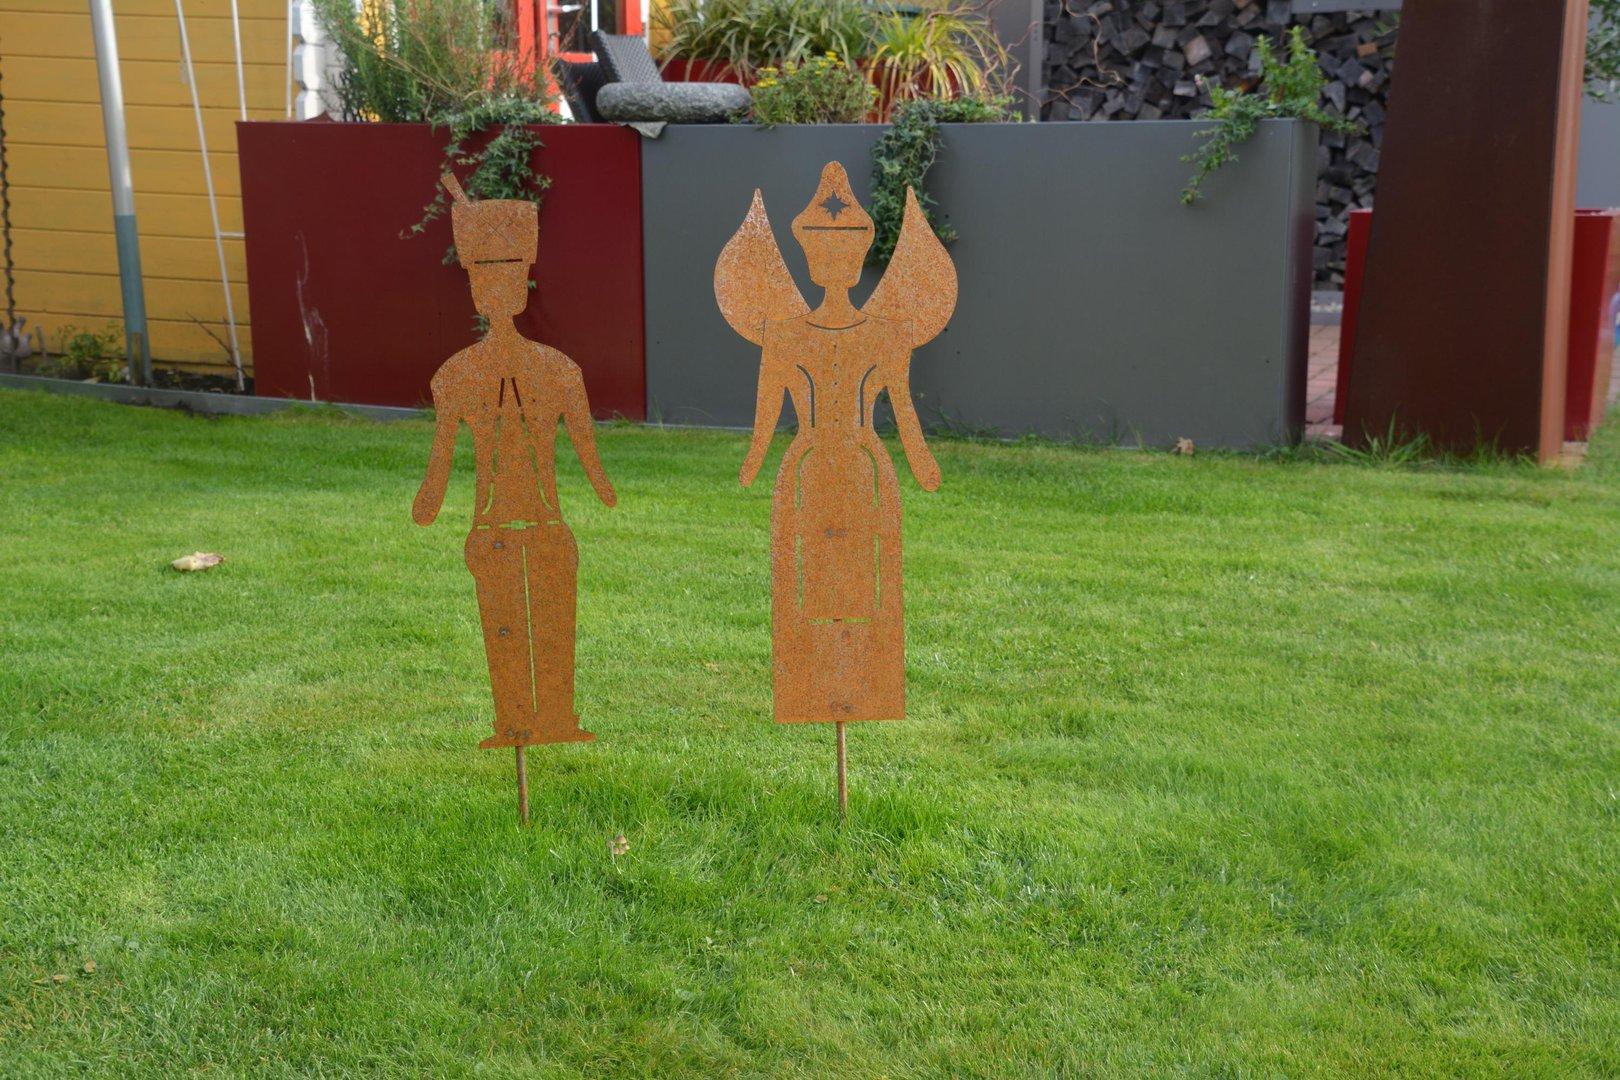 Engel und bergmann edelrost figuren 118 cm cortenstahl for Edelrost figuren